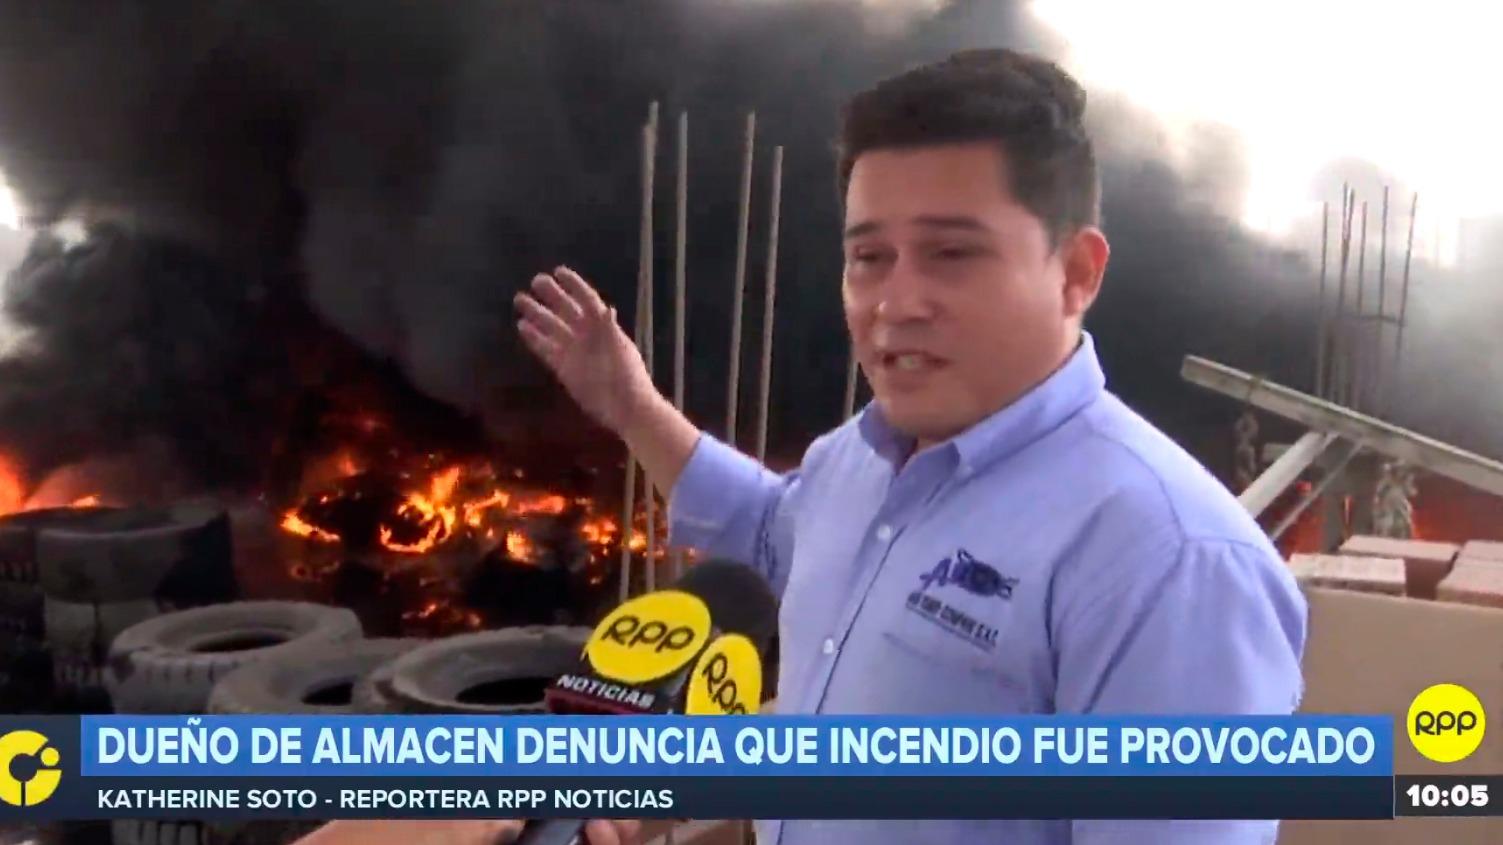 Dueño de almacén denunció que incendio fue provocado